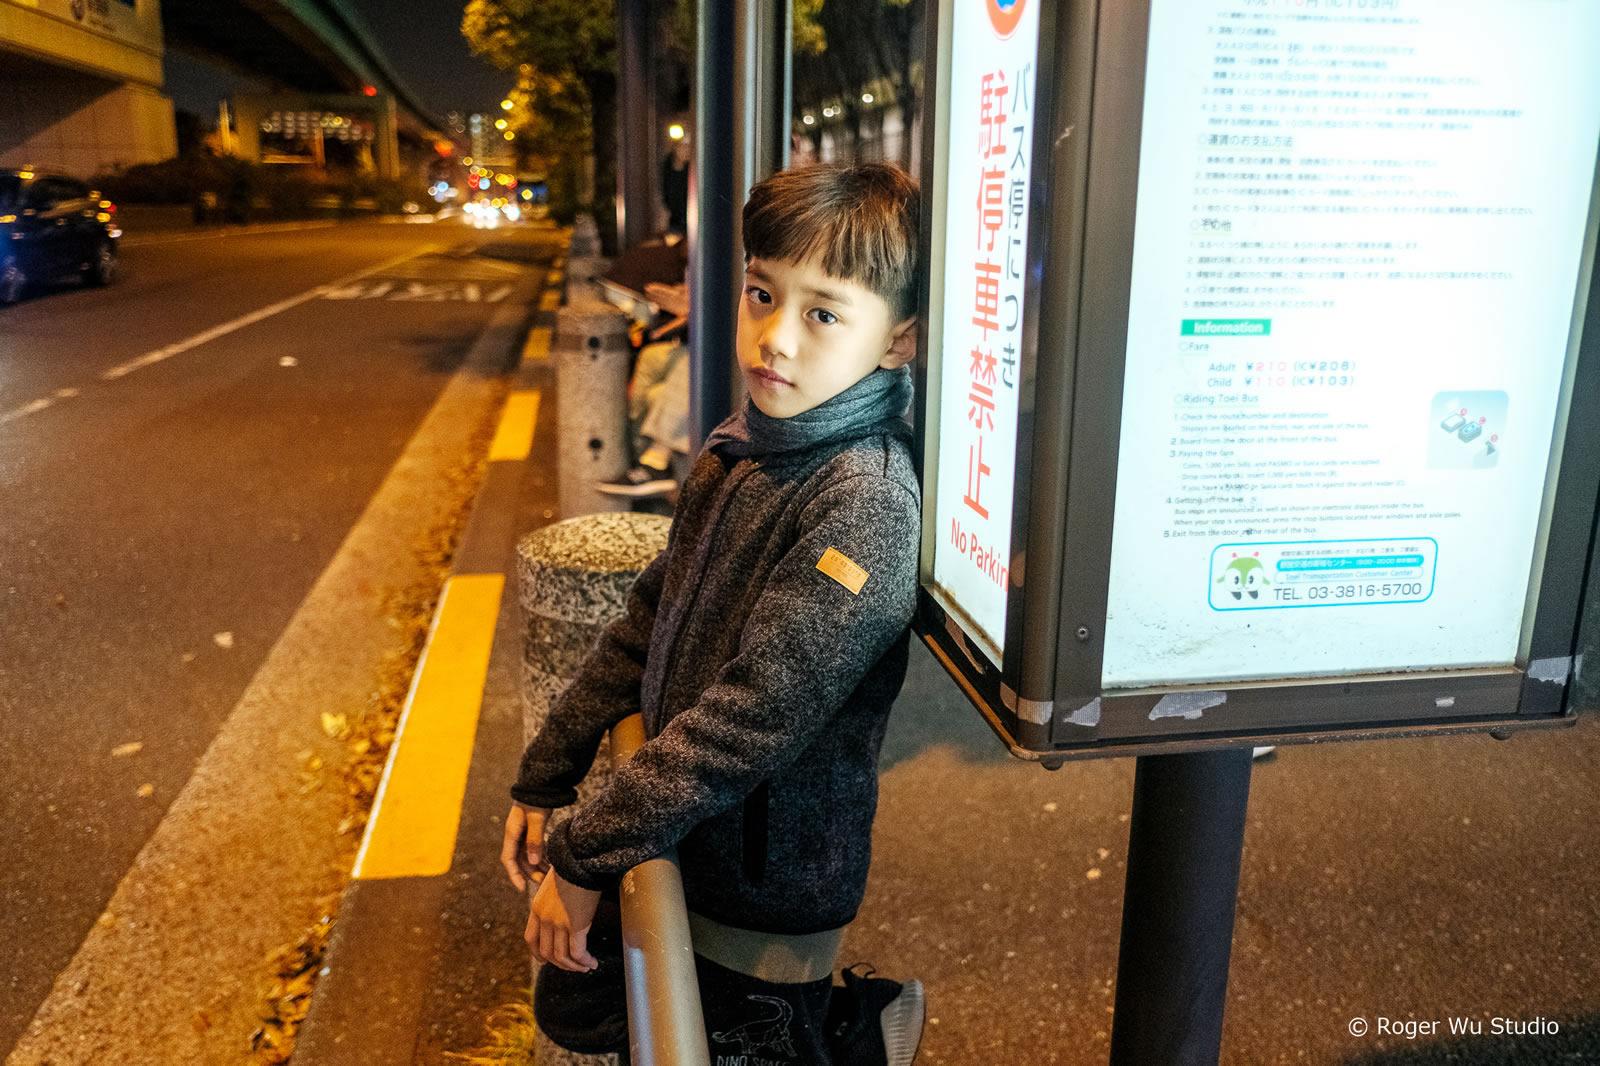 父子一場 早上他又對著馬桶蓋花灑, 我要求他現在只能坐著尿尿, 等你「控制水柱的技術」變好才能站著尿尿。 . 他跑去跟阿嬤抱怨: 「這個家很煩,我要離家出走! 我是男生,男生怎麼可以坐著尿尿??」 Roger Wu 攝影:東京 / 台場